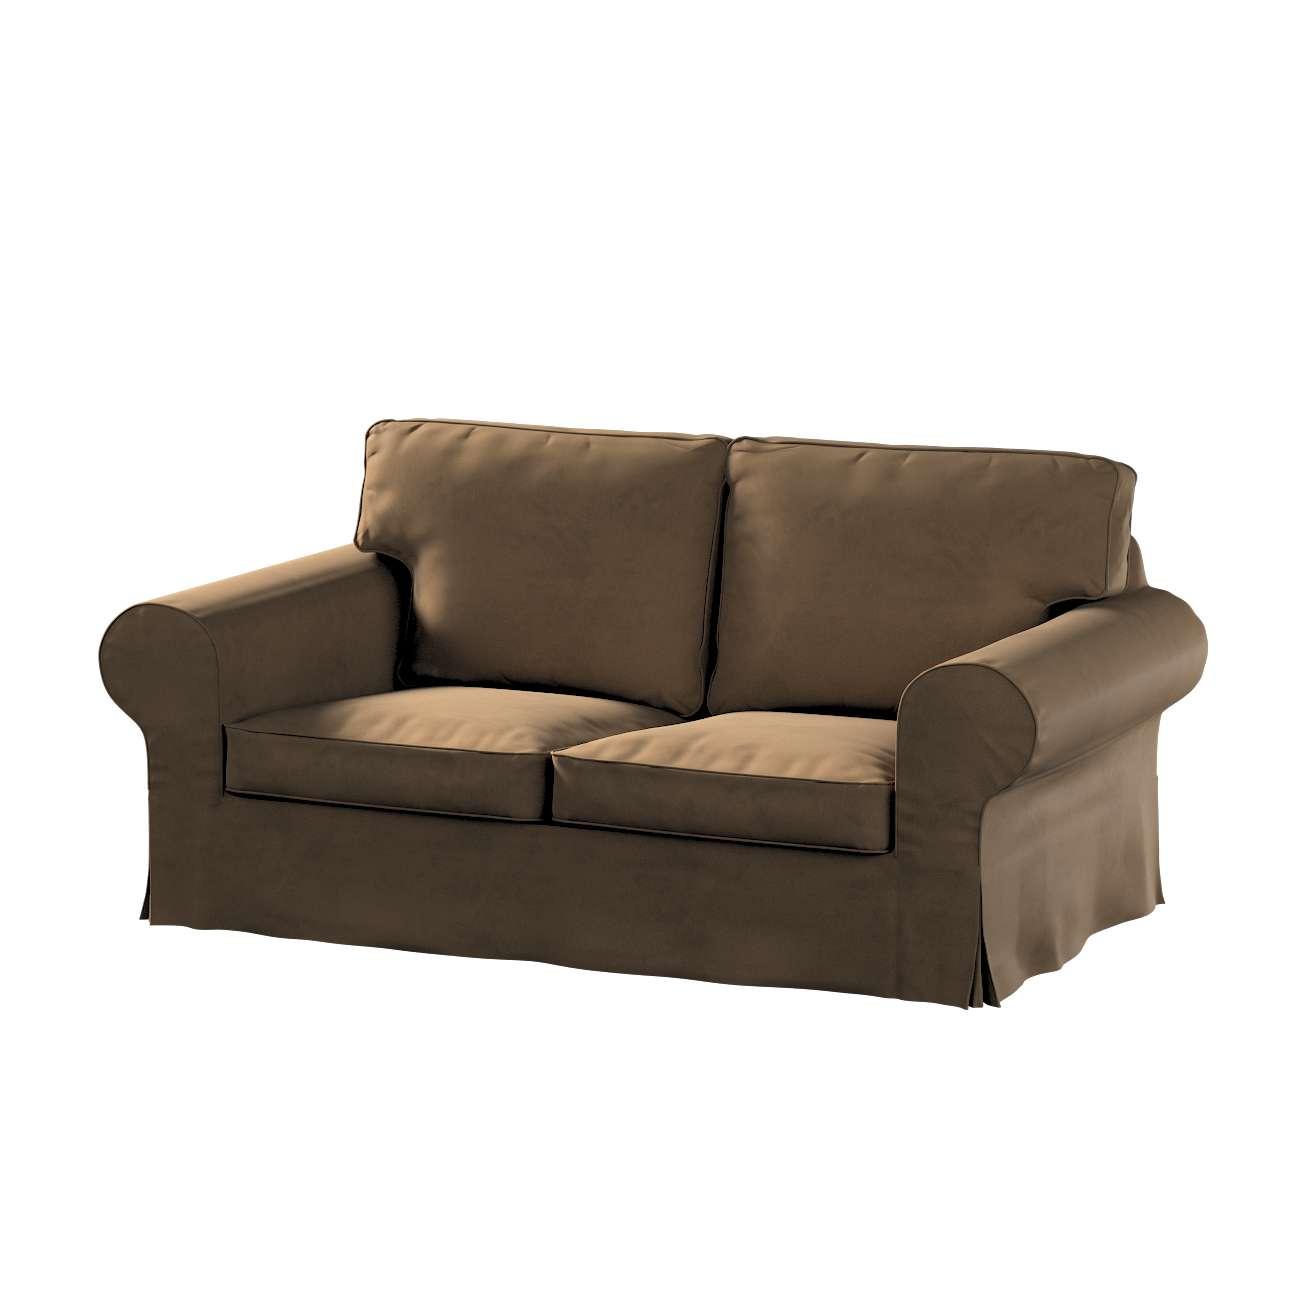 Pokrowiec na sofę Ektorp 2-osobową, rozkładaną, model do 2012 w kolekcji Living II, tkanina: 160-94